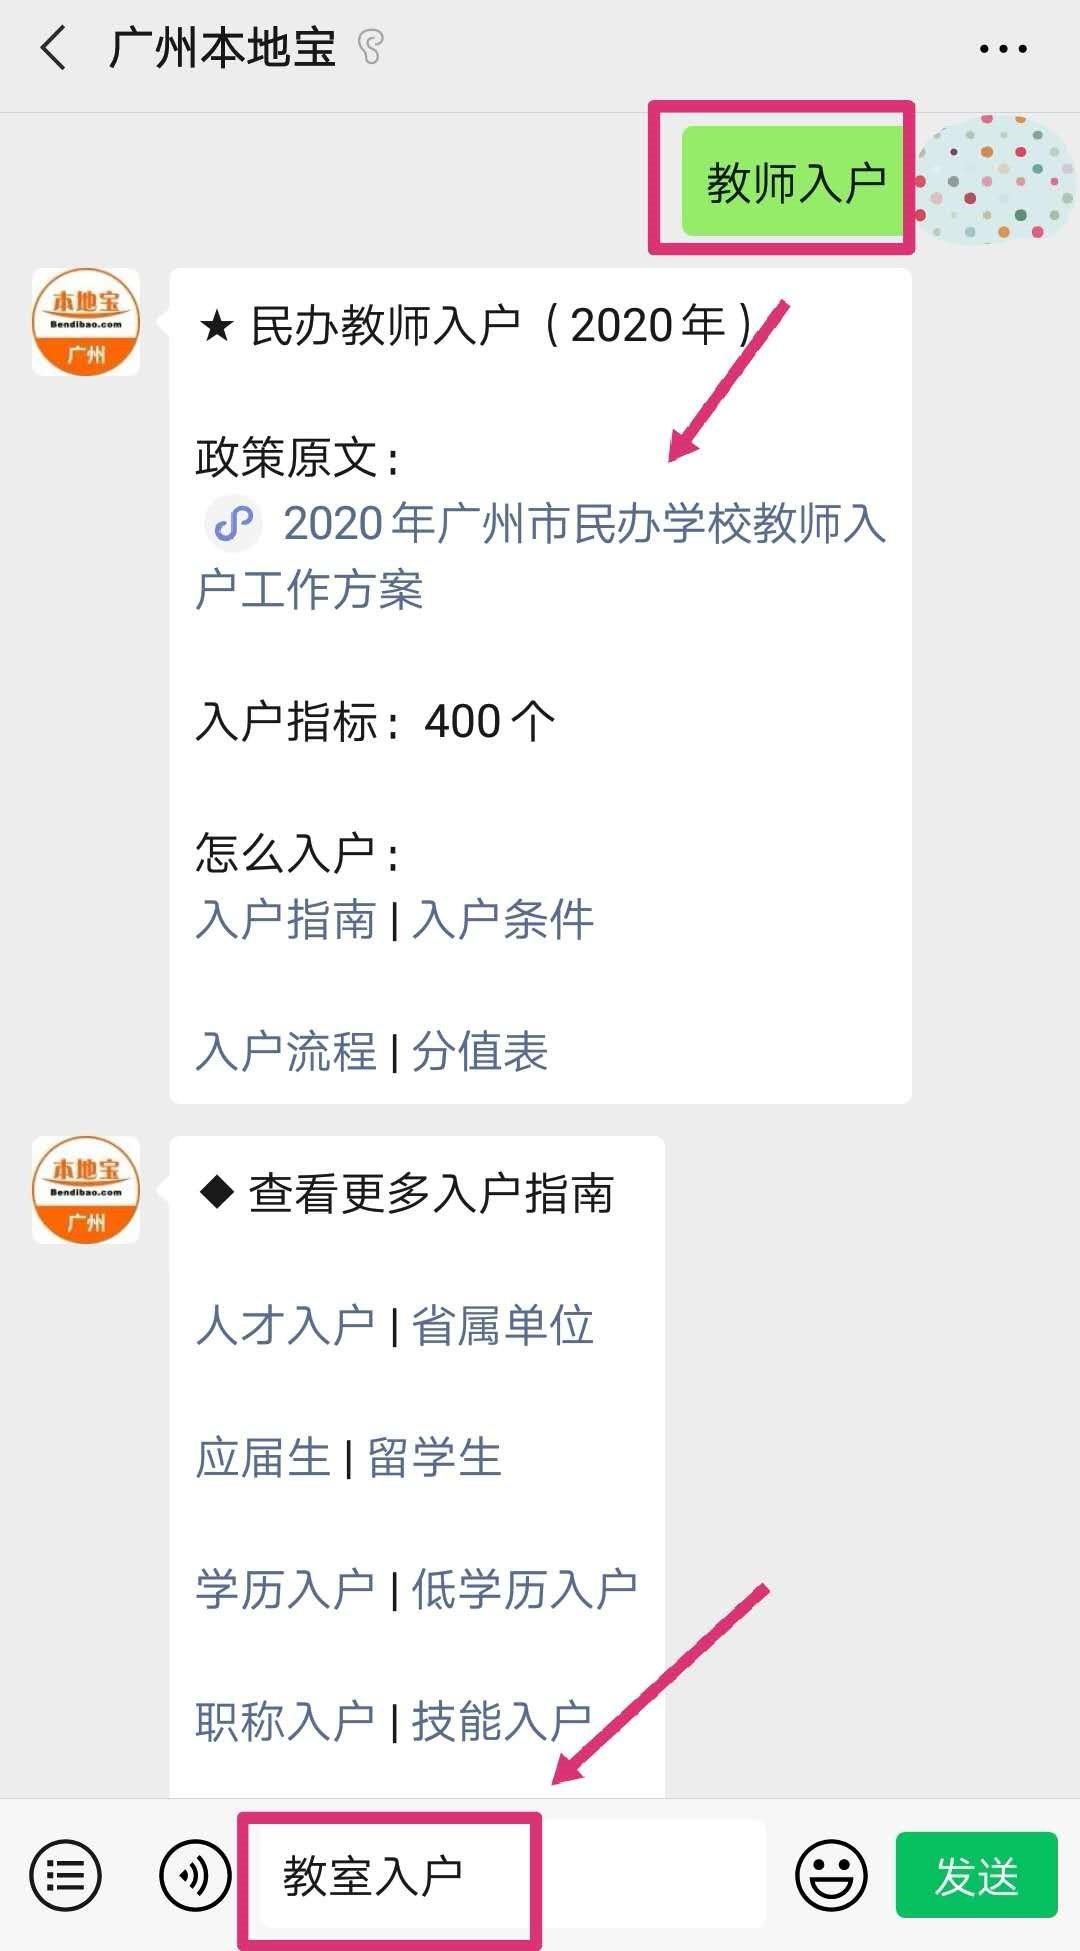 2020广州民办老师积分入户排名规则